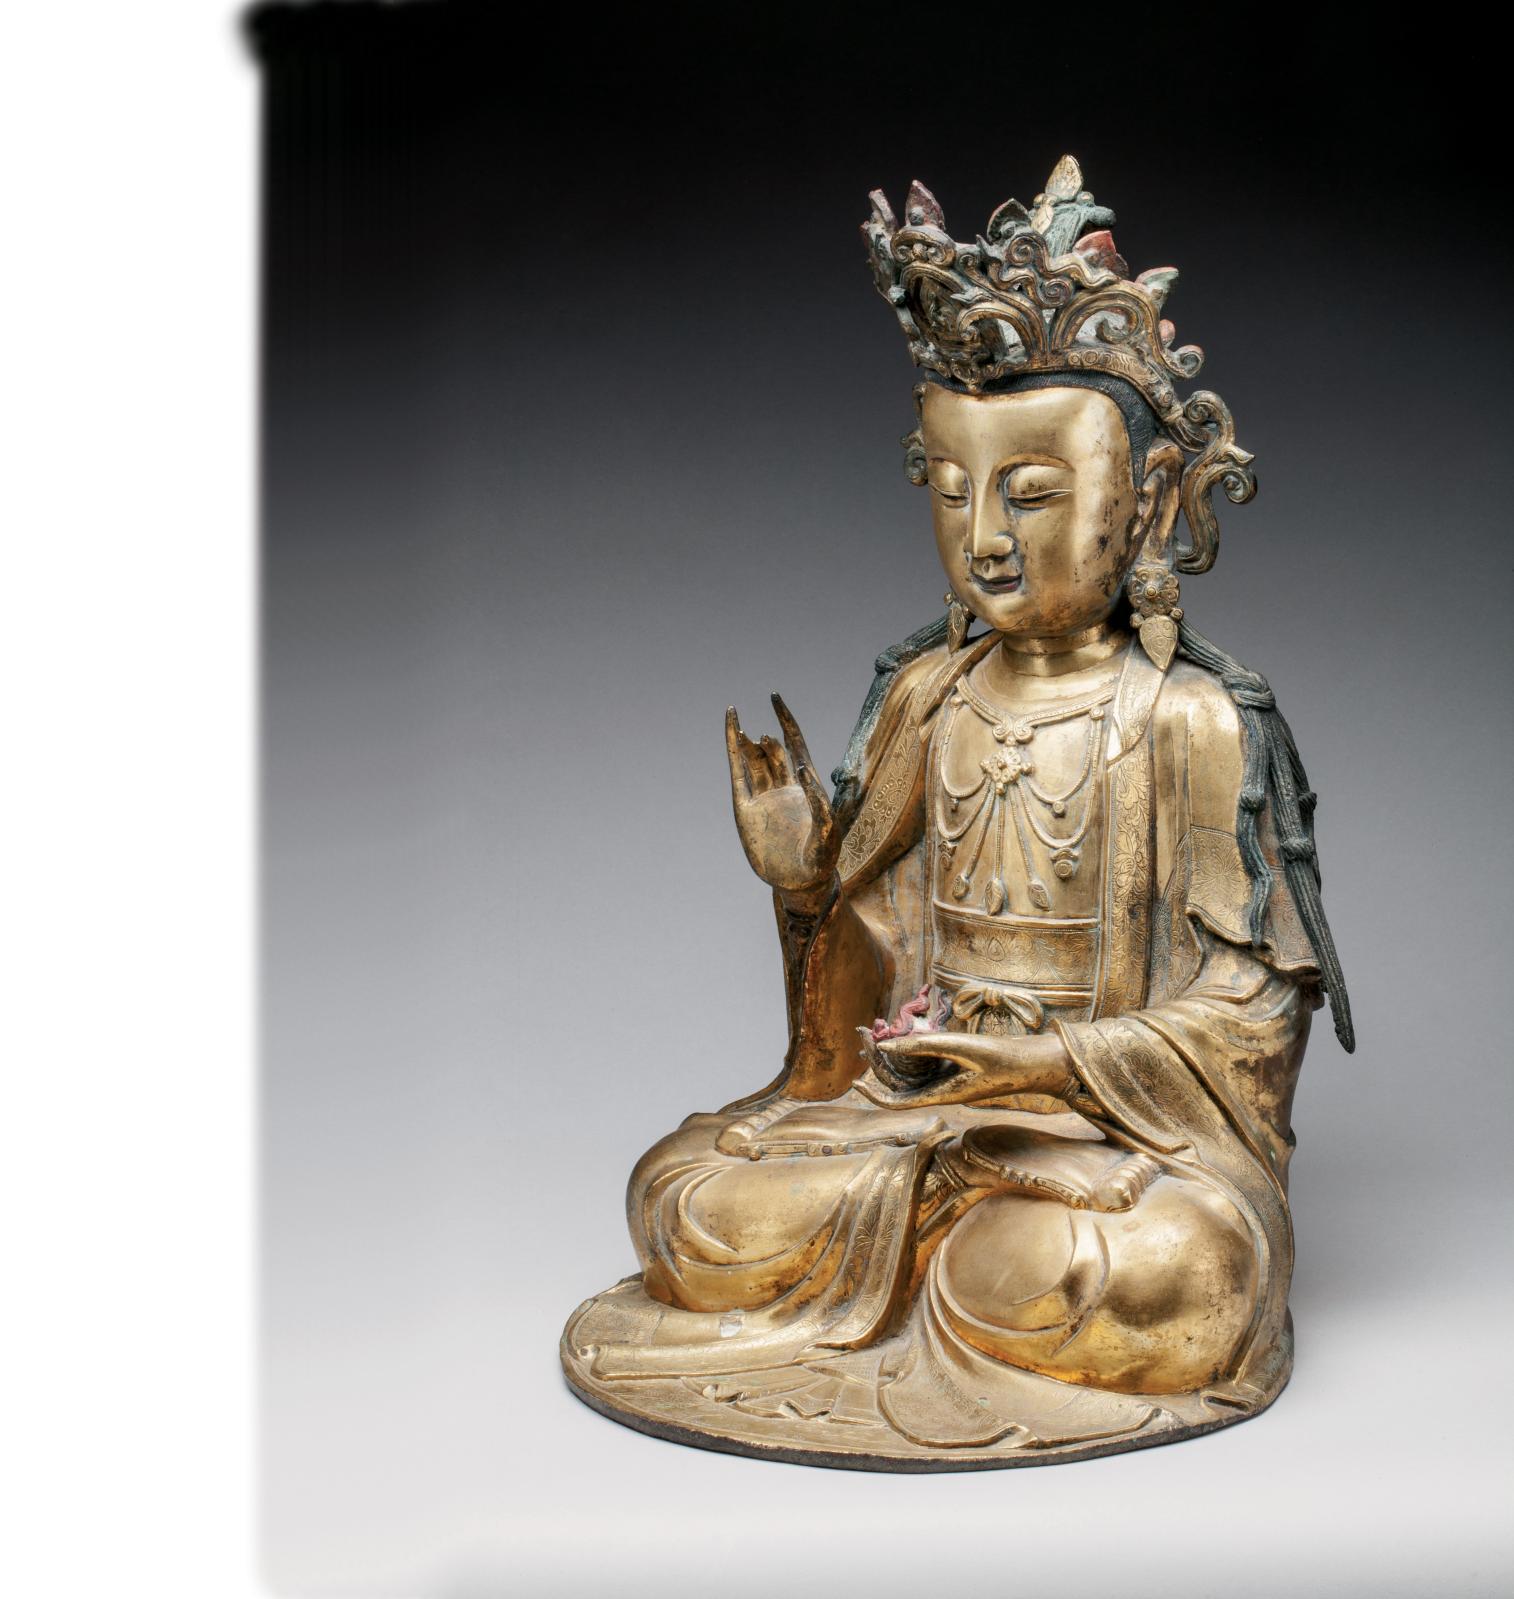 Chine, XVIesiècle. Bouddha en bronze doré, h.47cm. Vente du lundi 13juin. Estimation: 80000/100000€.